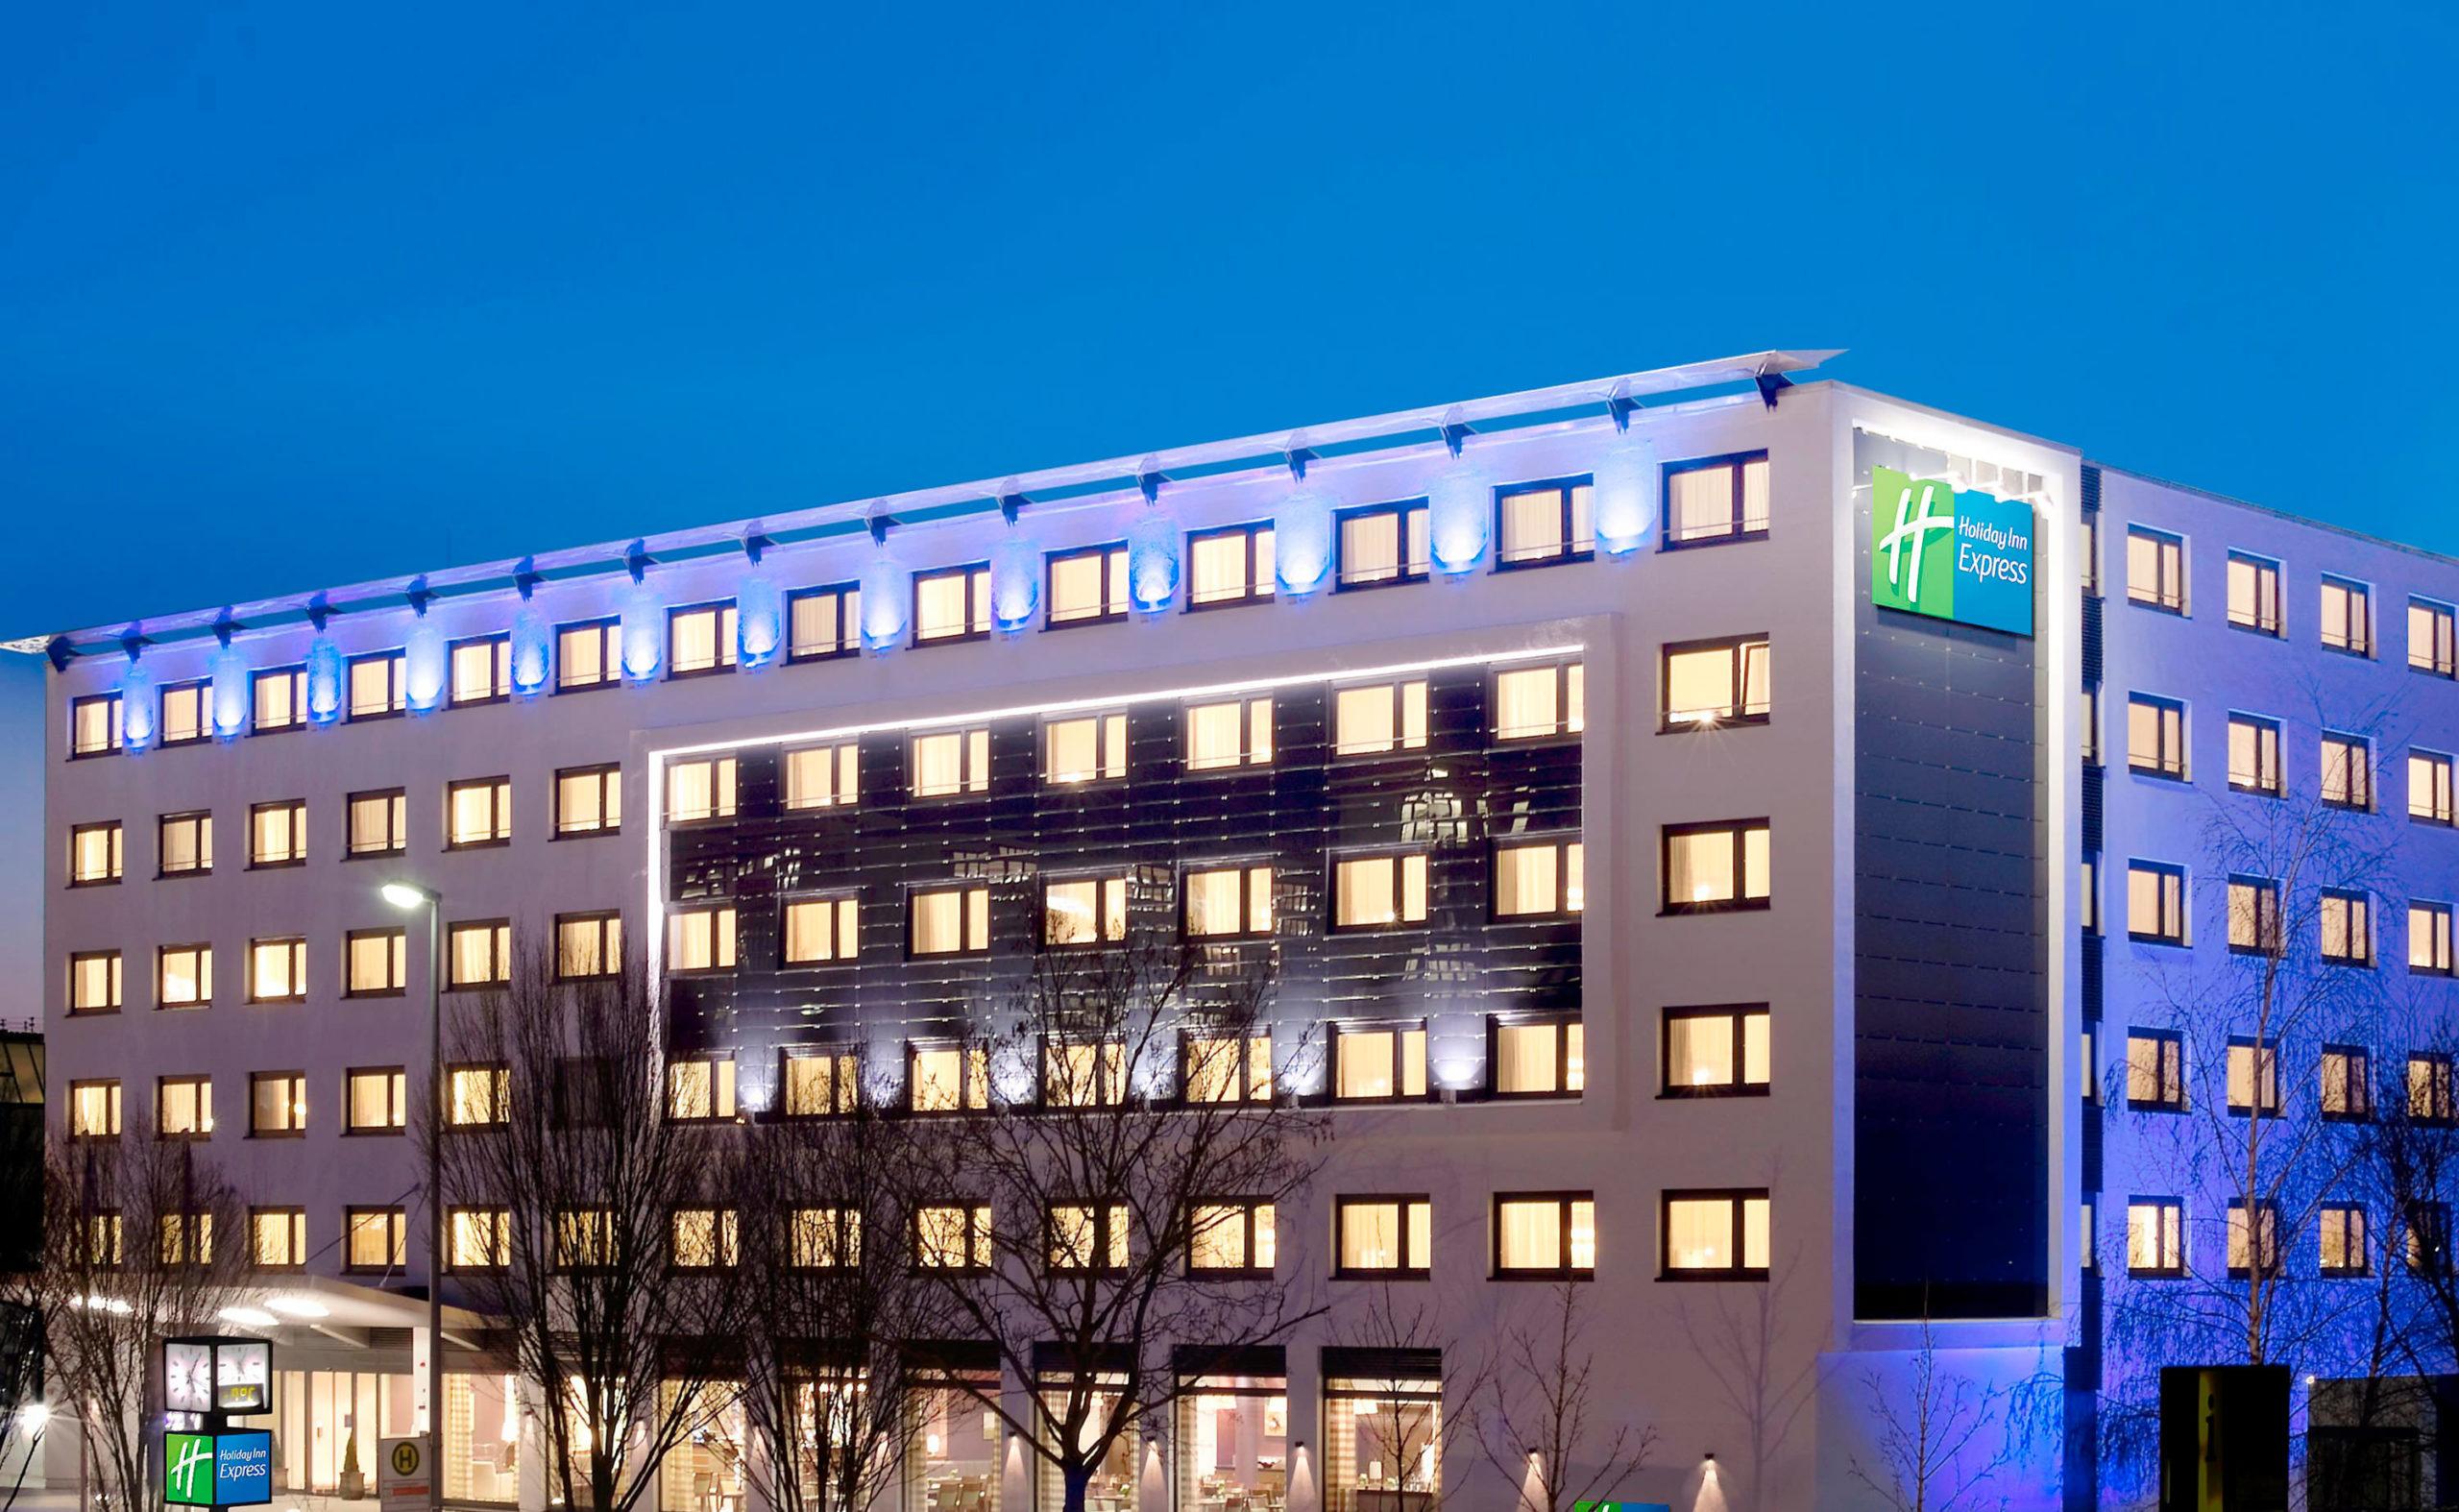 Holiday Inn Express Airport, Stuttgart